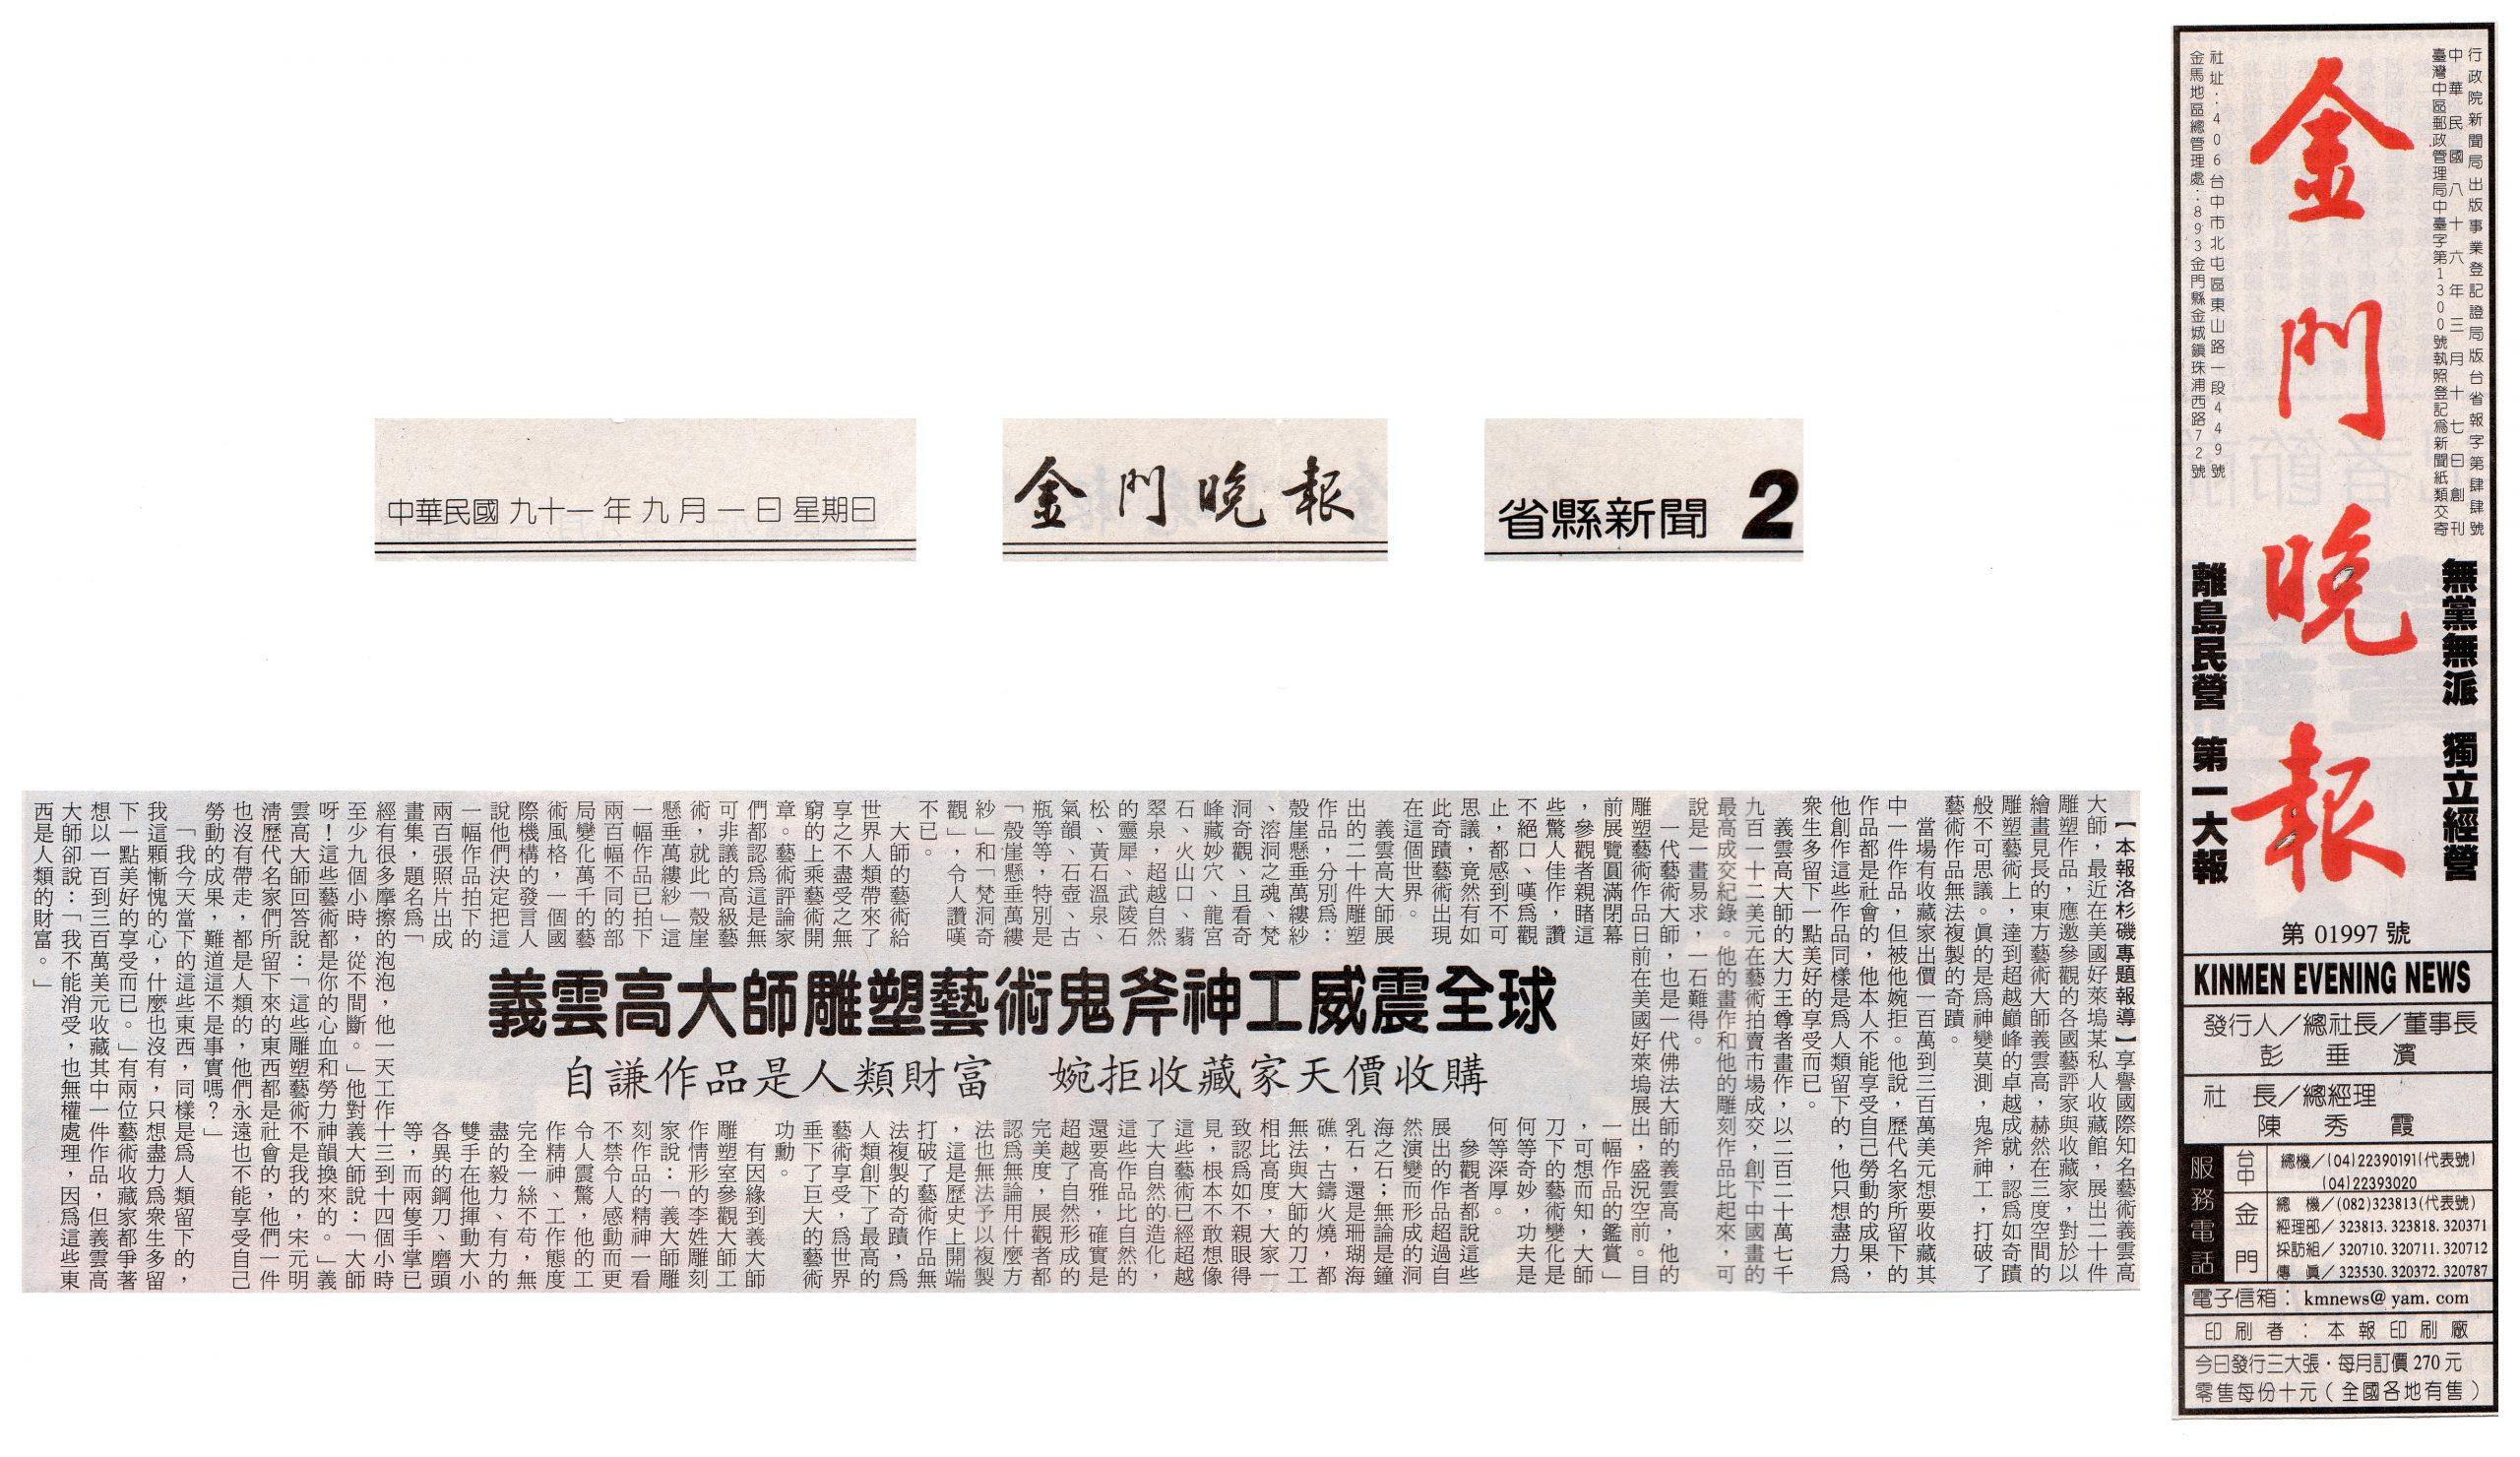 義雲高大師(H.H. 第三世多杰羌佛) 雕塑藝術鬼斧神工威震全球